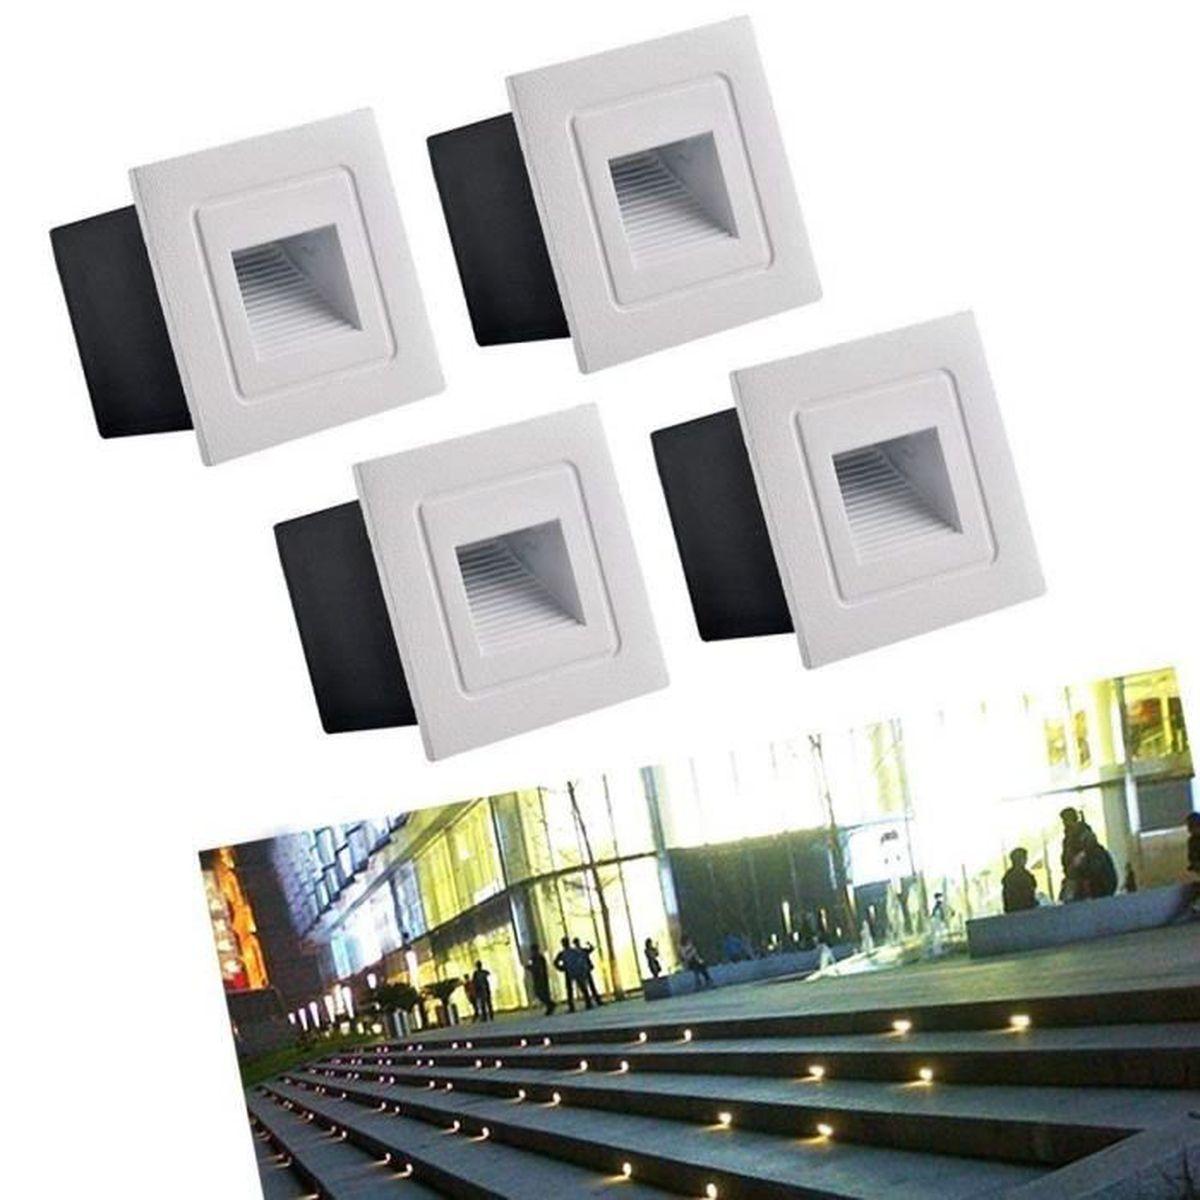 4 Eclairage Led Pour Terrasse Spot Lot Lampe 3w De Encastré O0Pwkn